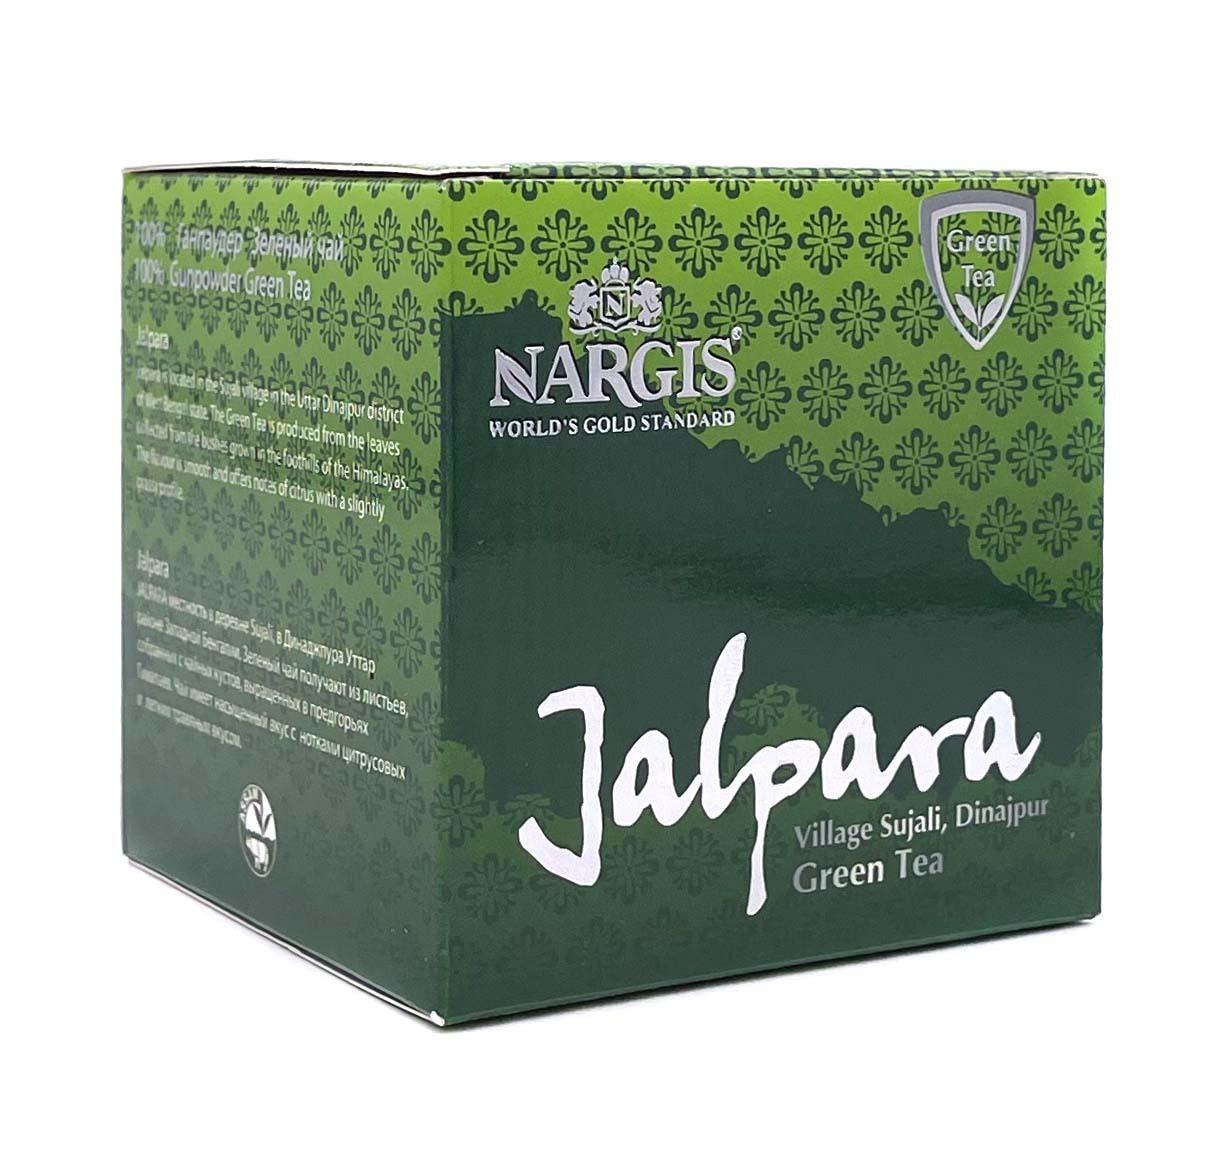 Новинки Индийский высокогорный зеленый чай Jalpara, Nargis, 100 г import_files_a0_a02500bb767f11eba9e9484d7ecee297_805bcdce7a6d11eba9ea484d7ecee297.jpg